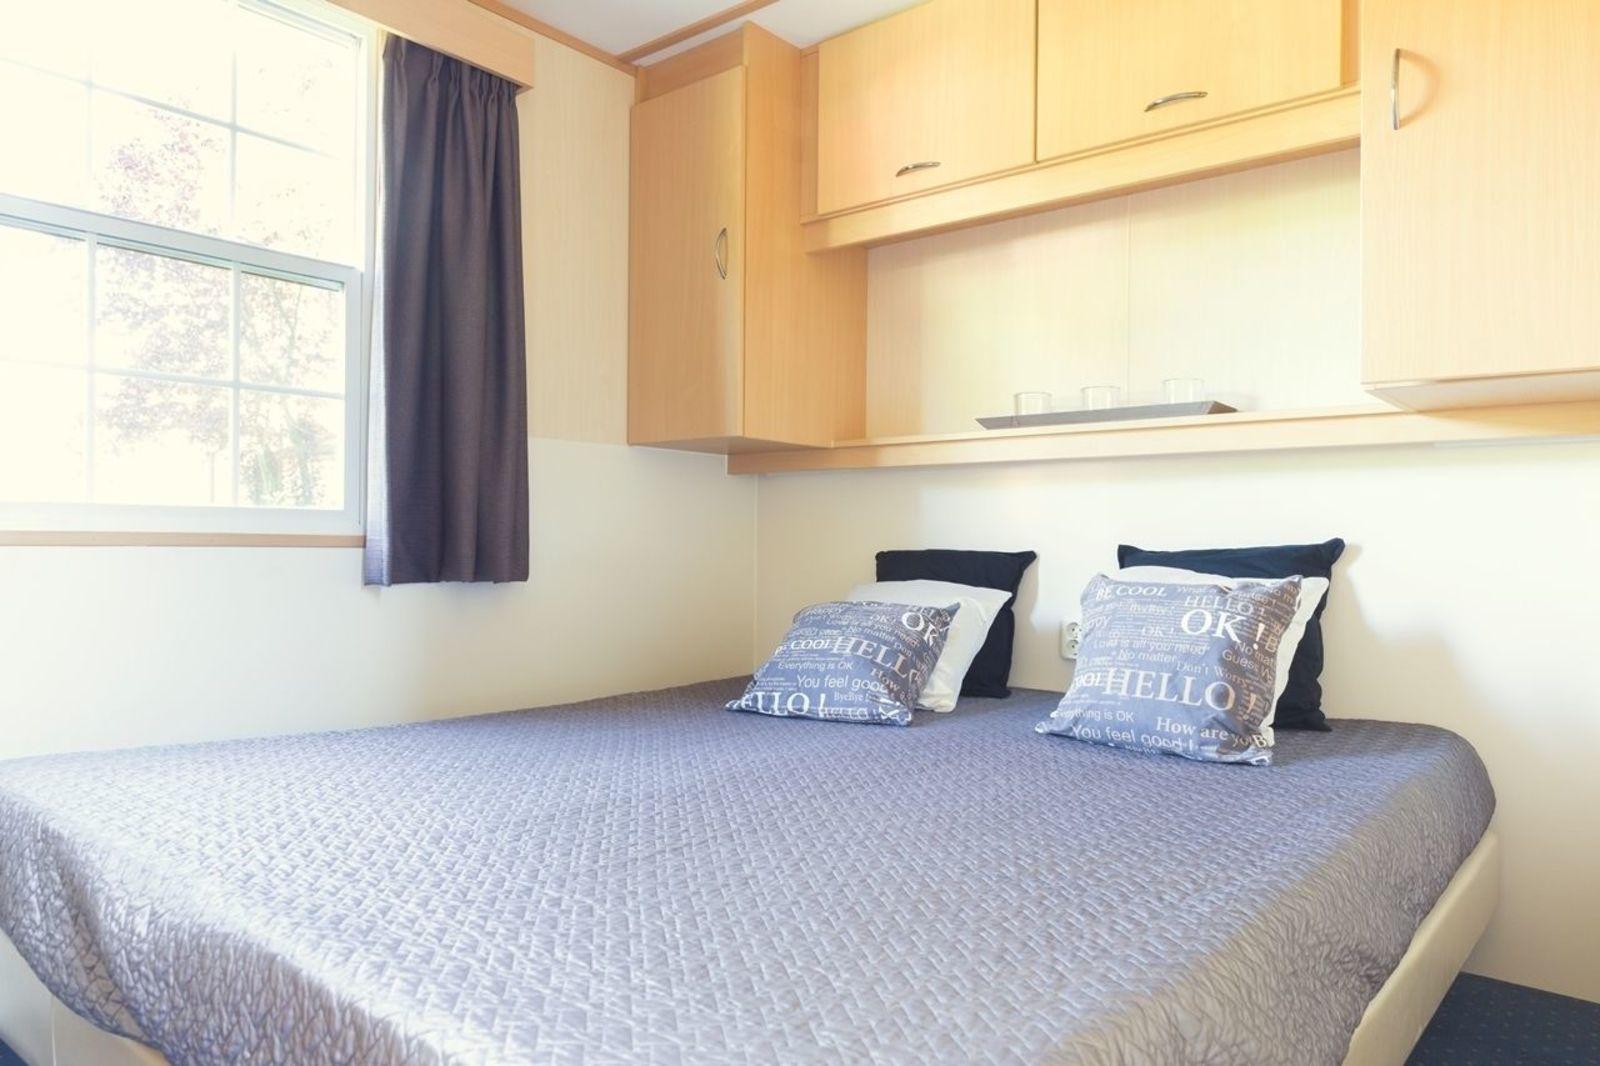 6-Personen-Chalet mit 2 Schlafzimmern